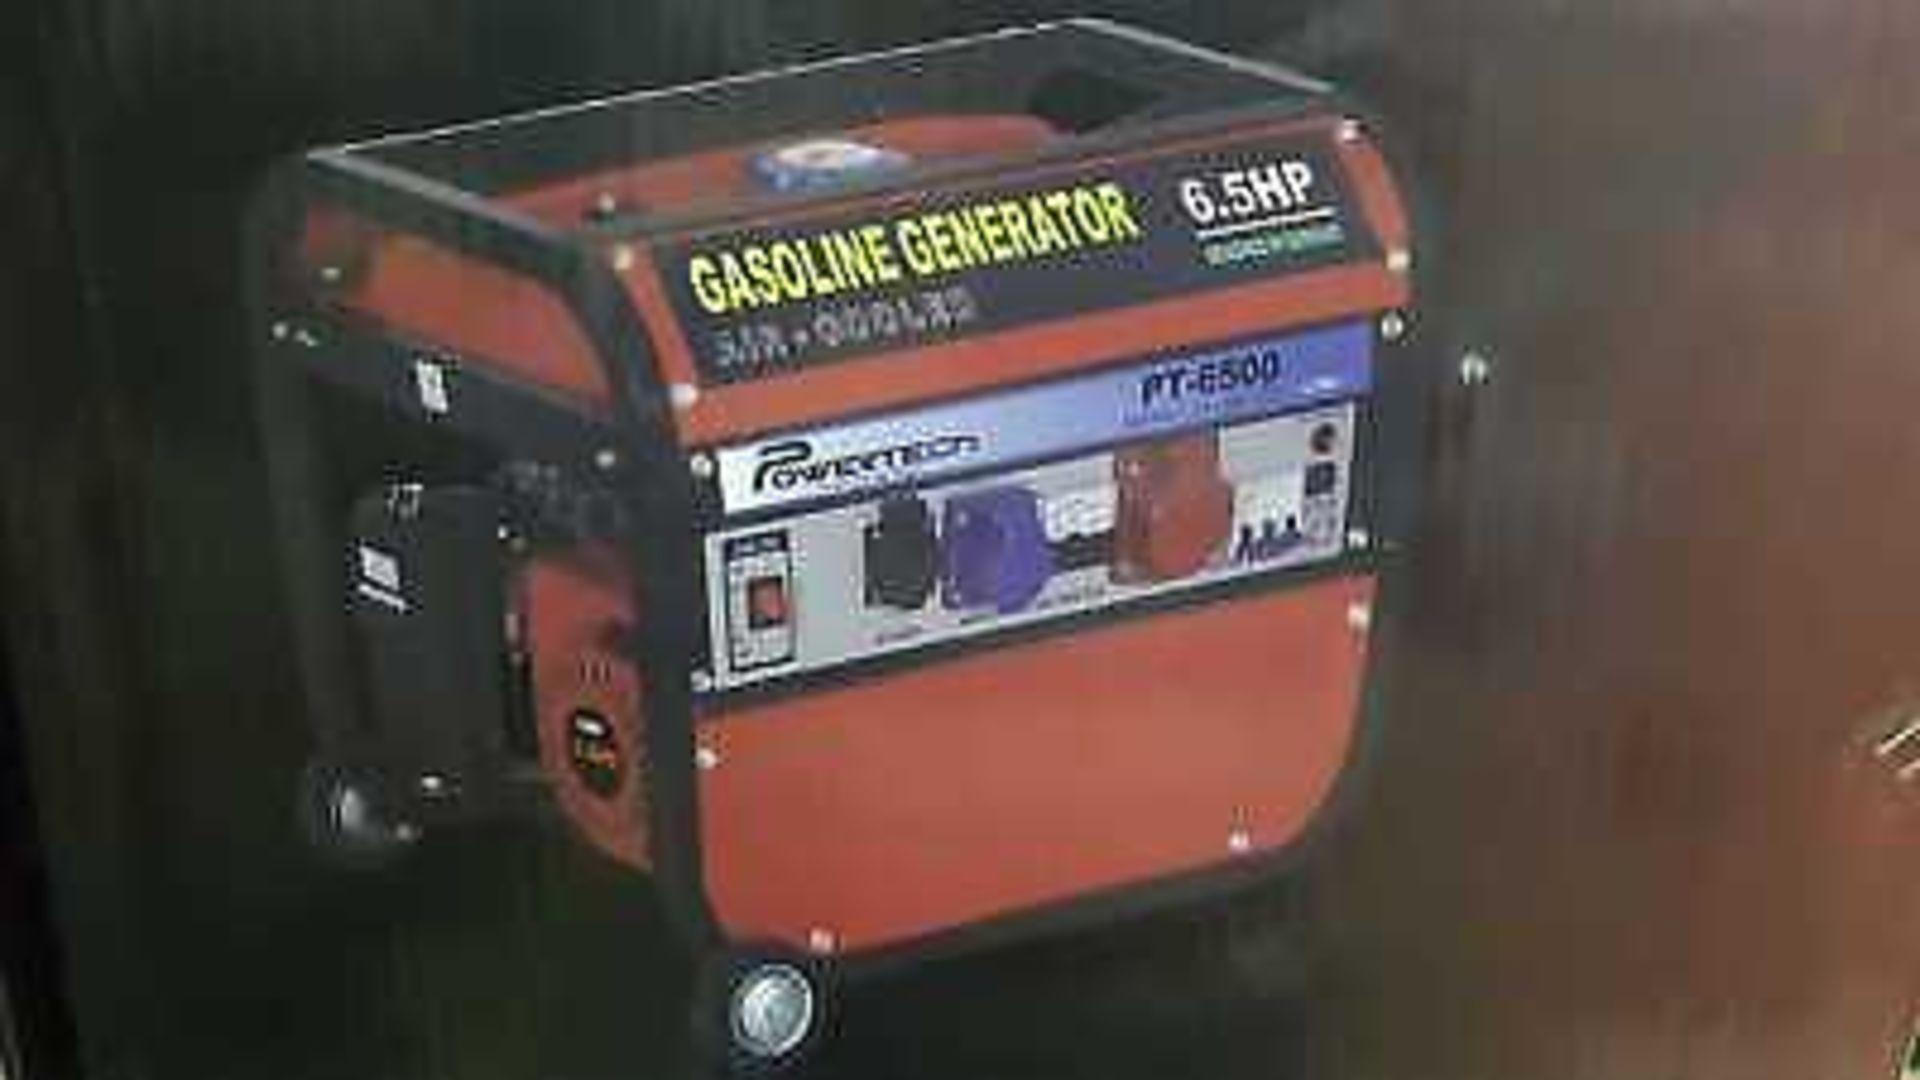 Lot 18026 - V Brand New 220v UK6500 Petrol Generator - Universal Kraft Germany - On Frame On Wheels - eBay Price